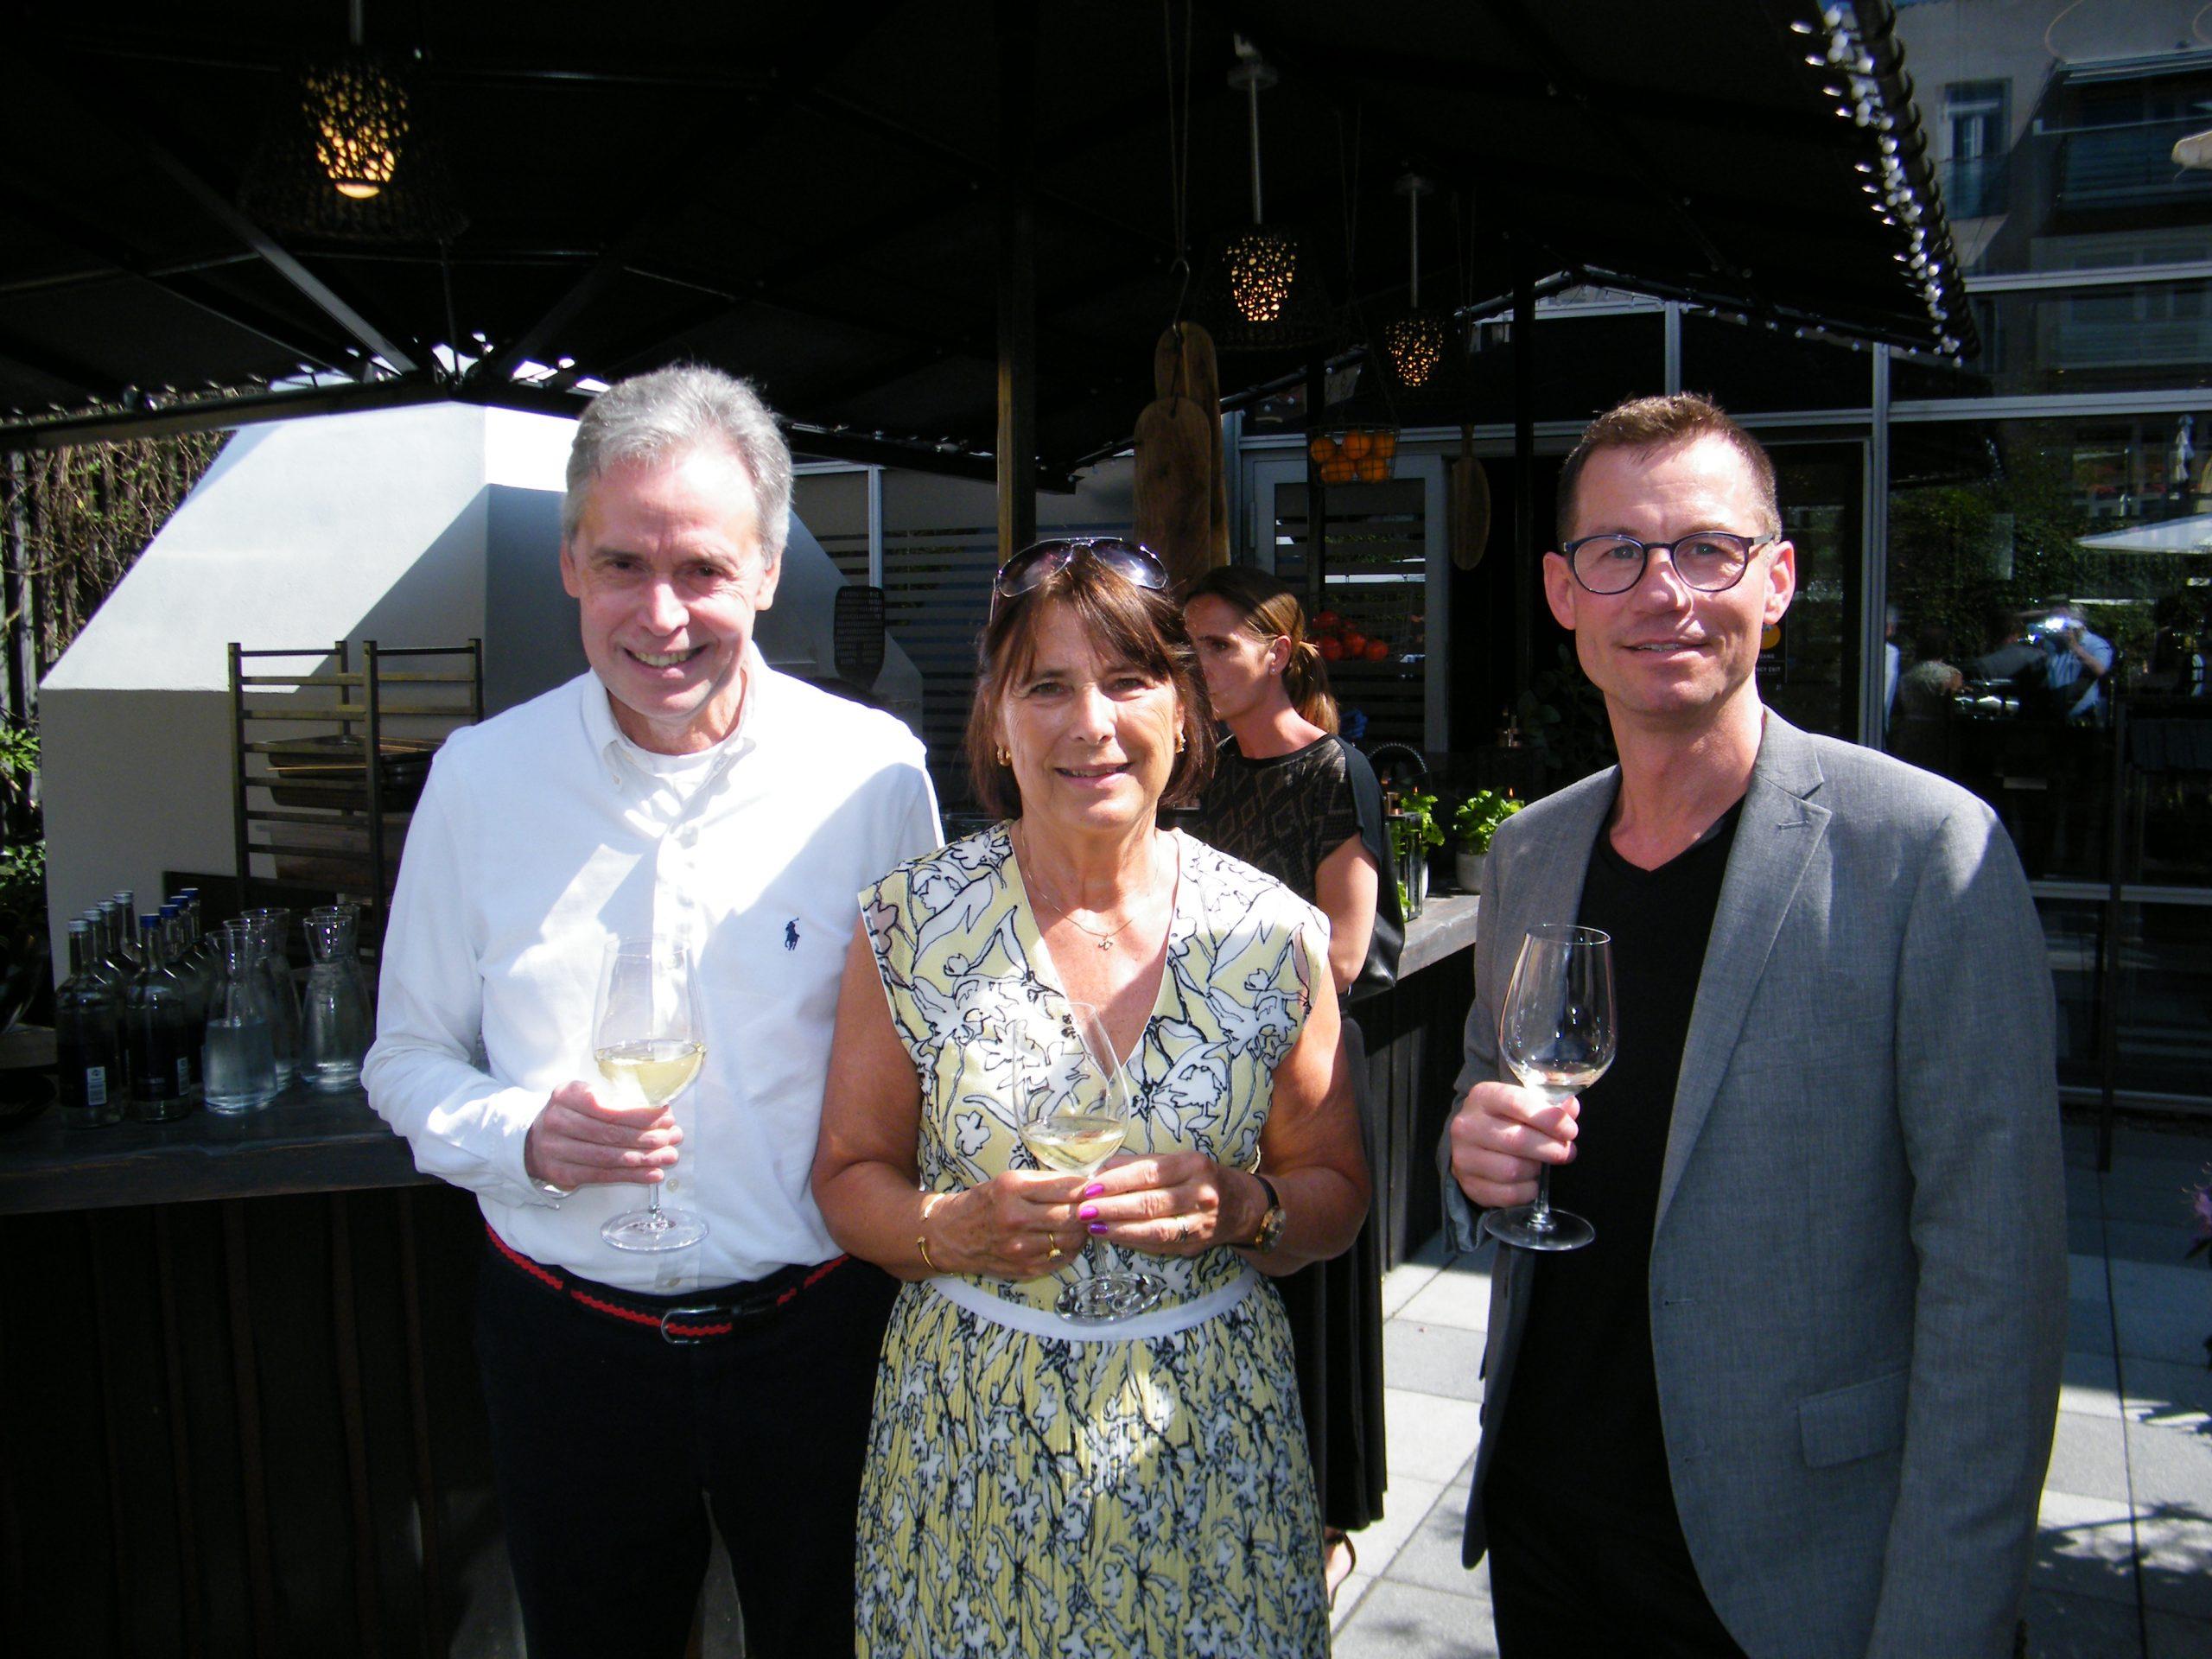 Dagens midtpunkt, Pia Lind, ved sin afskedsreception med, til venstre, Flemming Sonne, der sidste år gik på pension som salgsdirektør for Thai Airways i Danmark, og administrerende direktør Carsten Lindholm Pedersen fra Billetkontoret. Foto: Henrik Baumgarten.